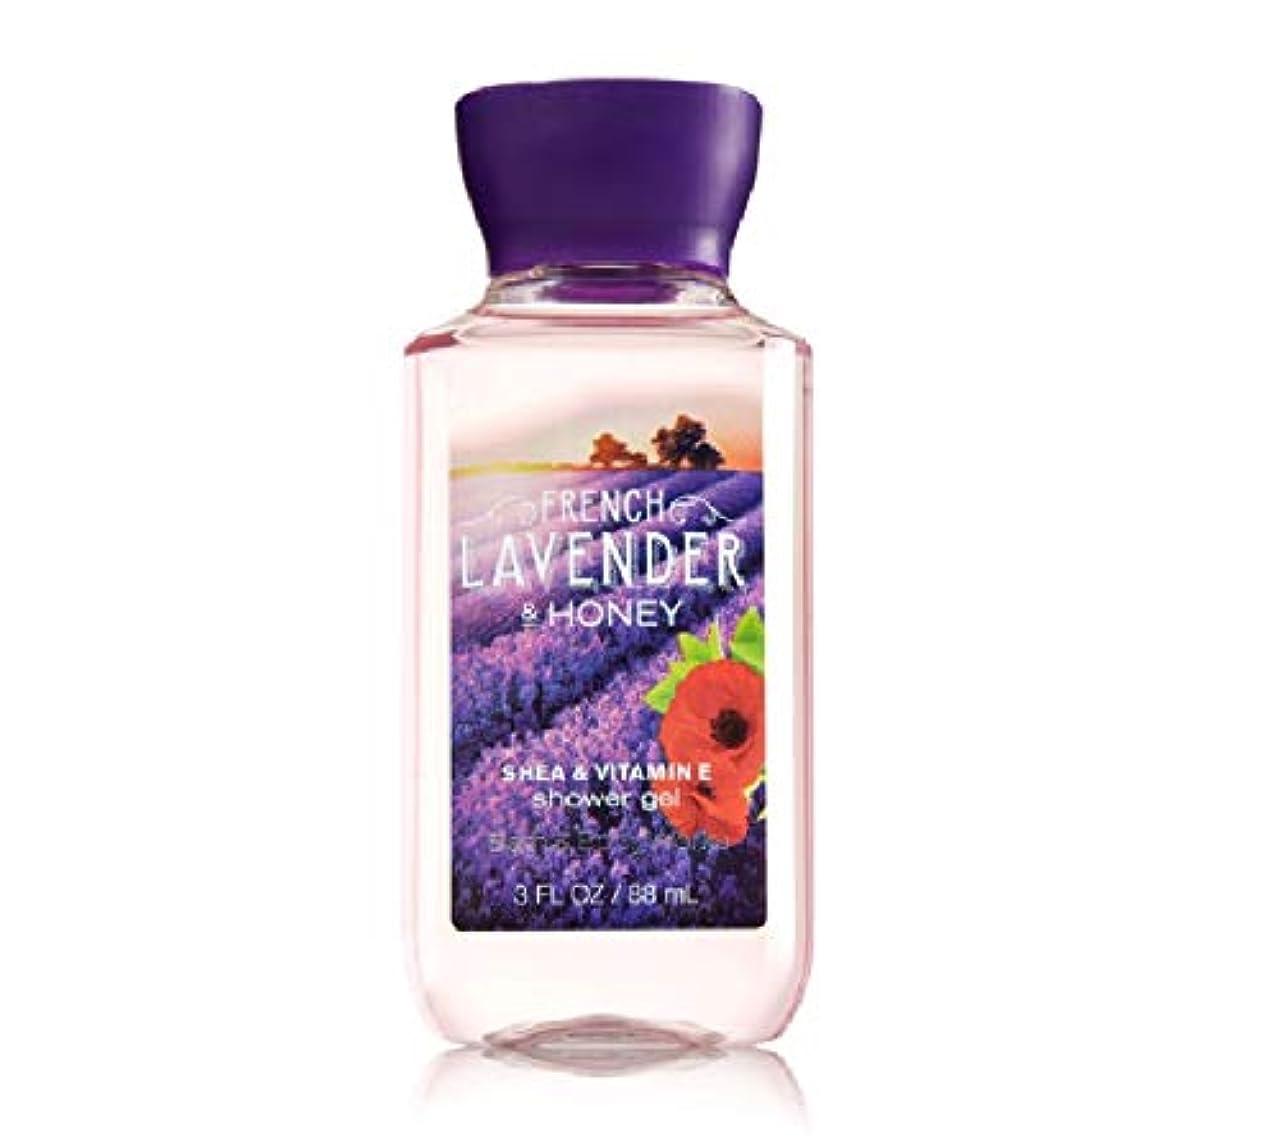 宣言オズワルド後ろにバス&ボディワークス フレンチラベンダー&ハニー ボディソープ French Lavender & honey トラベルサイズ [並行輸入品]